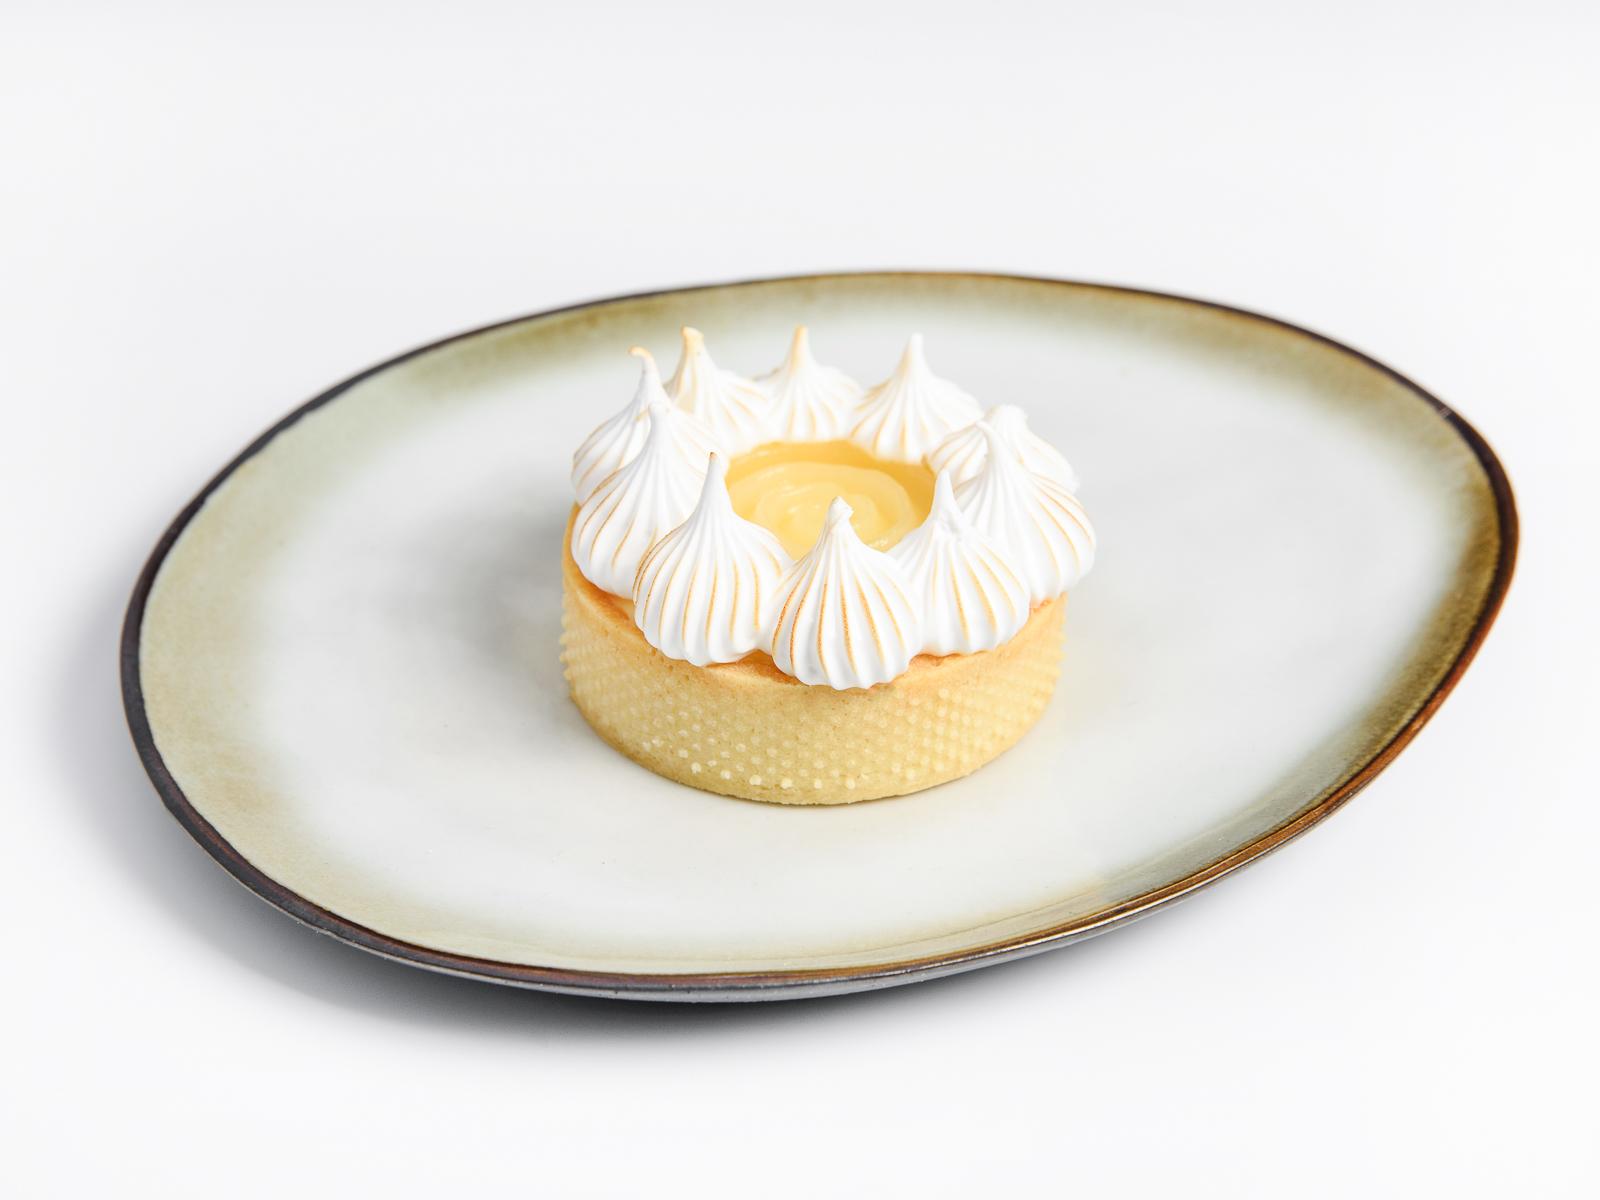 Лимонный тарт с юдзу